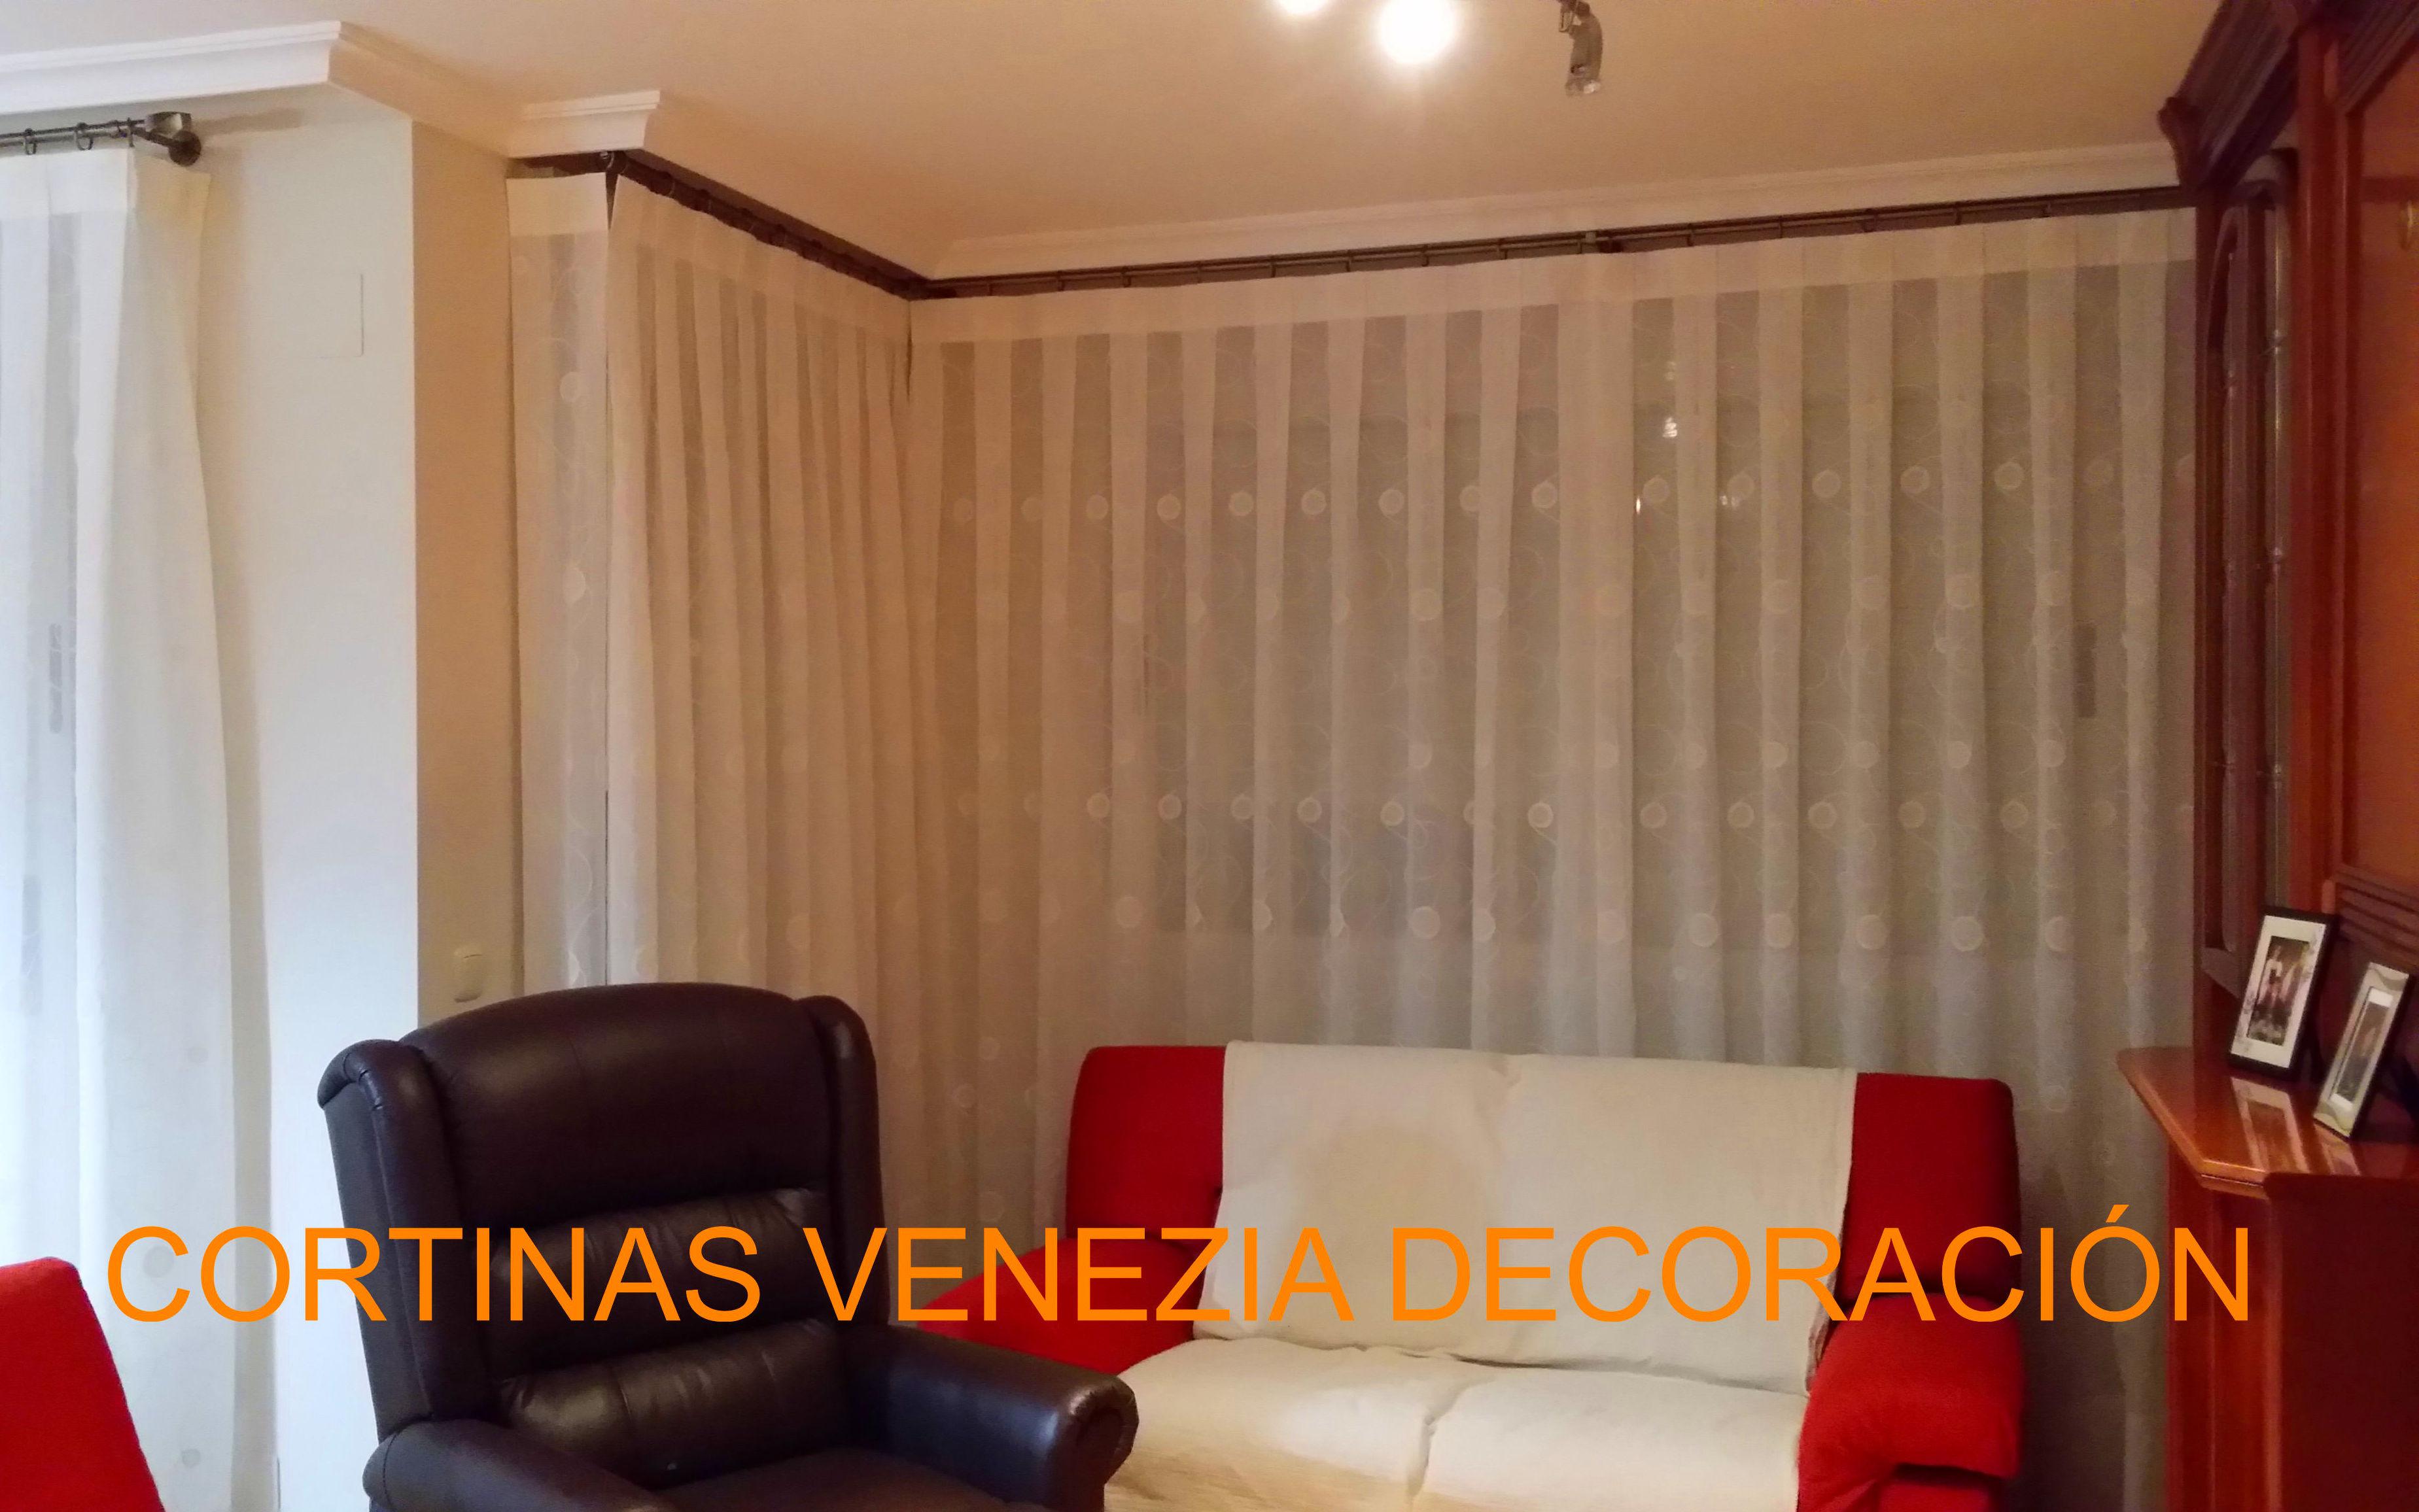 Foto 43 de Cortinas en Albacete | Venezia Decoración